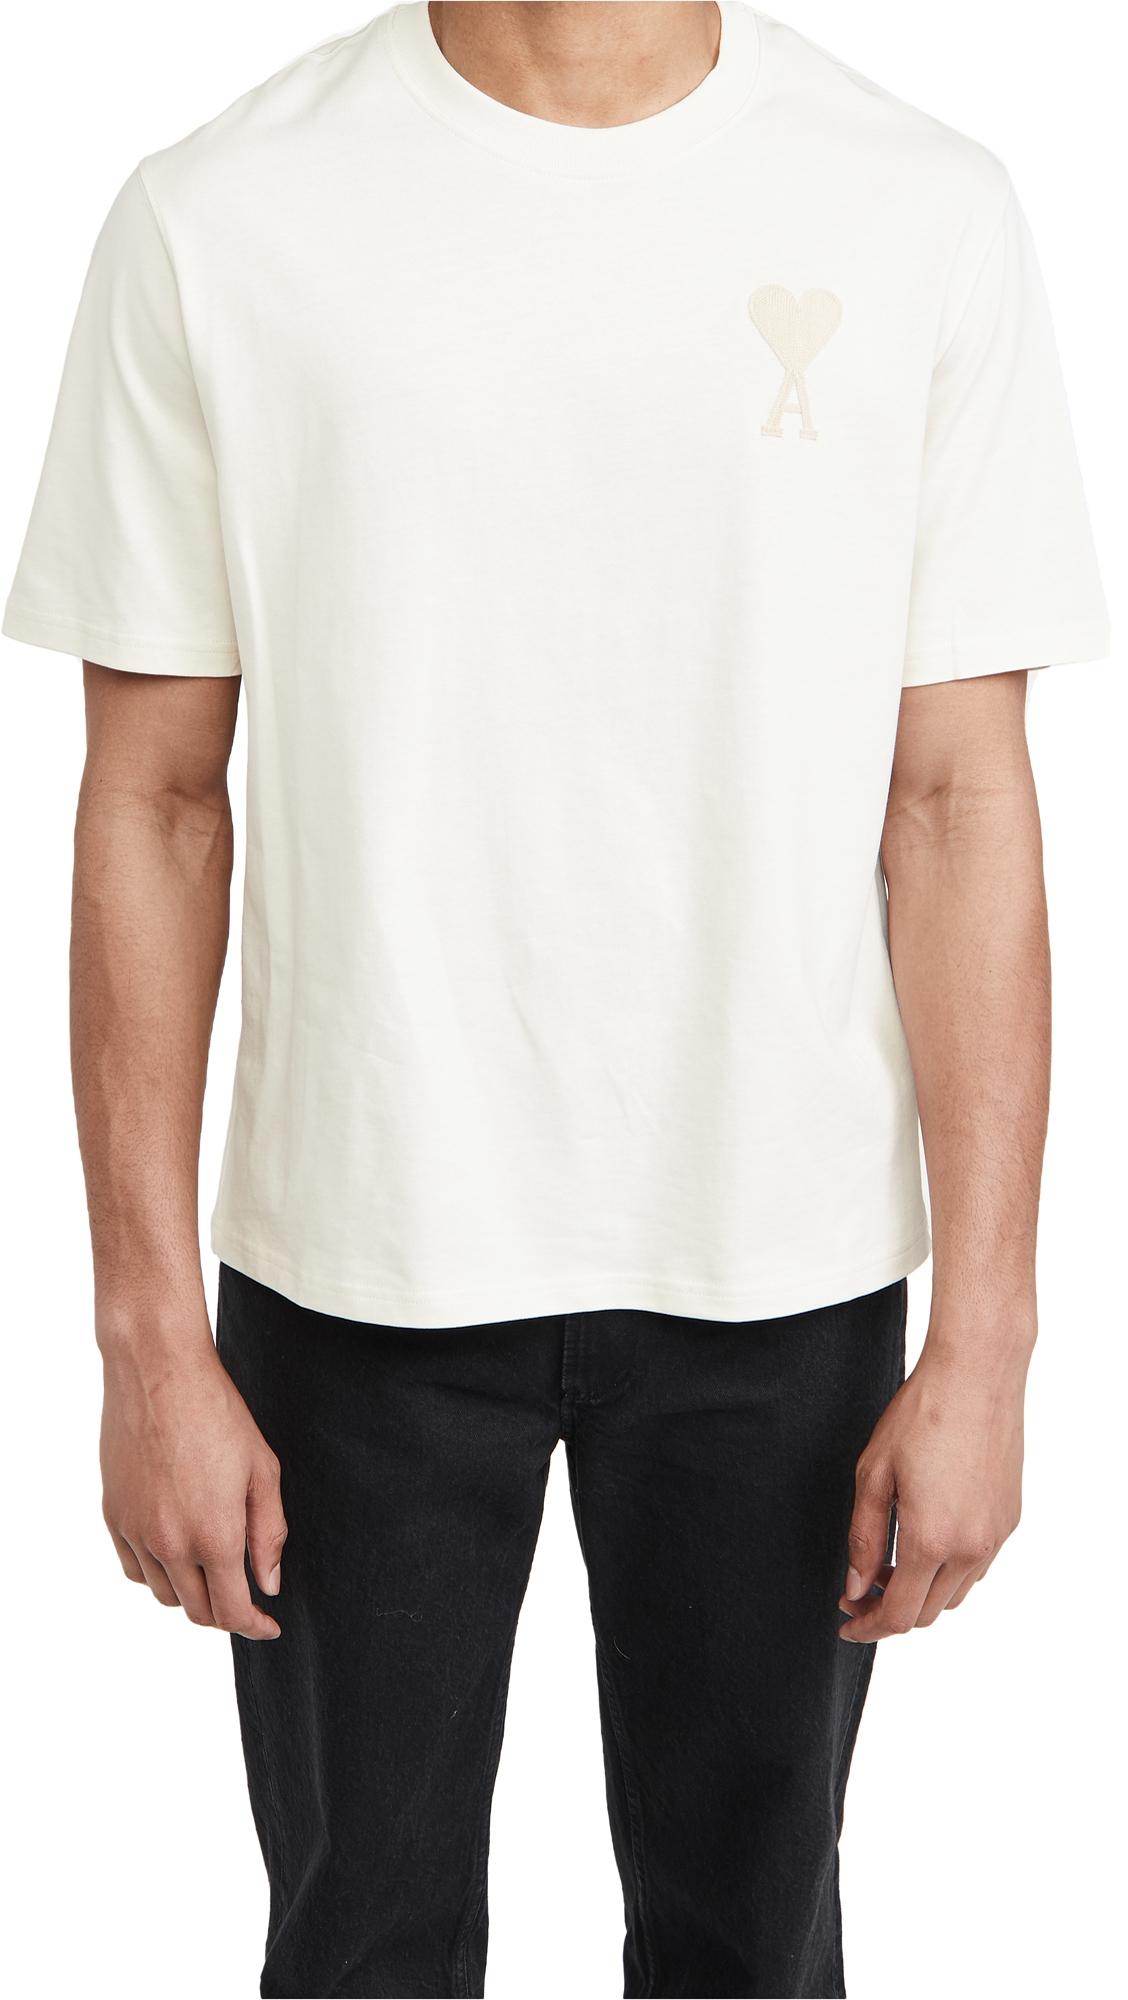 Ami Alexandre Mattiussi Ami De Coeur T-shirt In Off-white